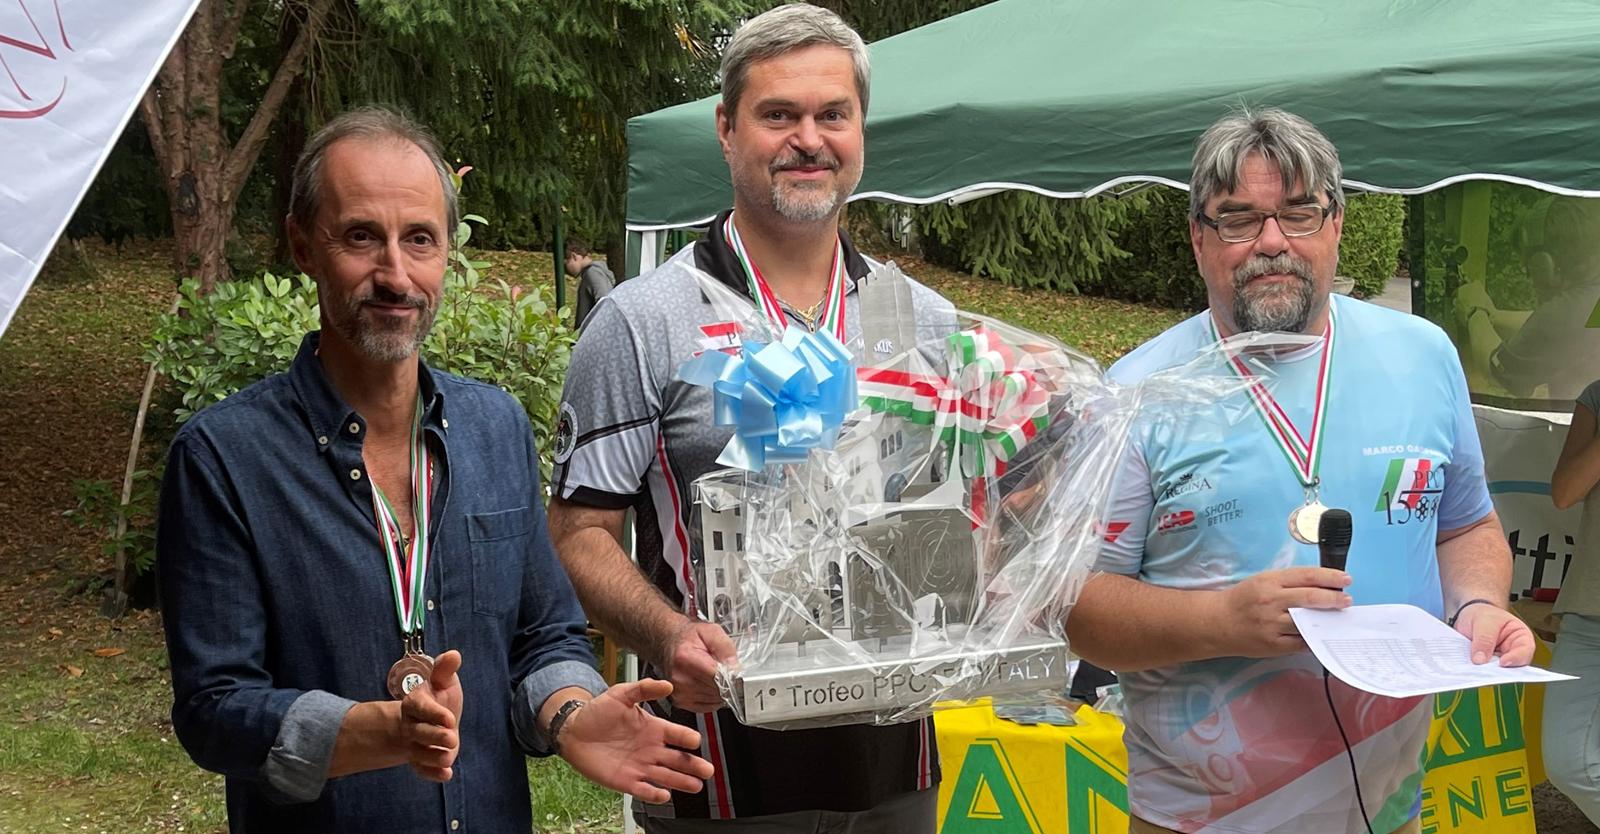 Markus Borz vom SC Offenhausen (Mitte) gewann die Trofeo PPC1500 Italy © Karin Damberger